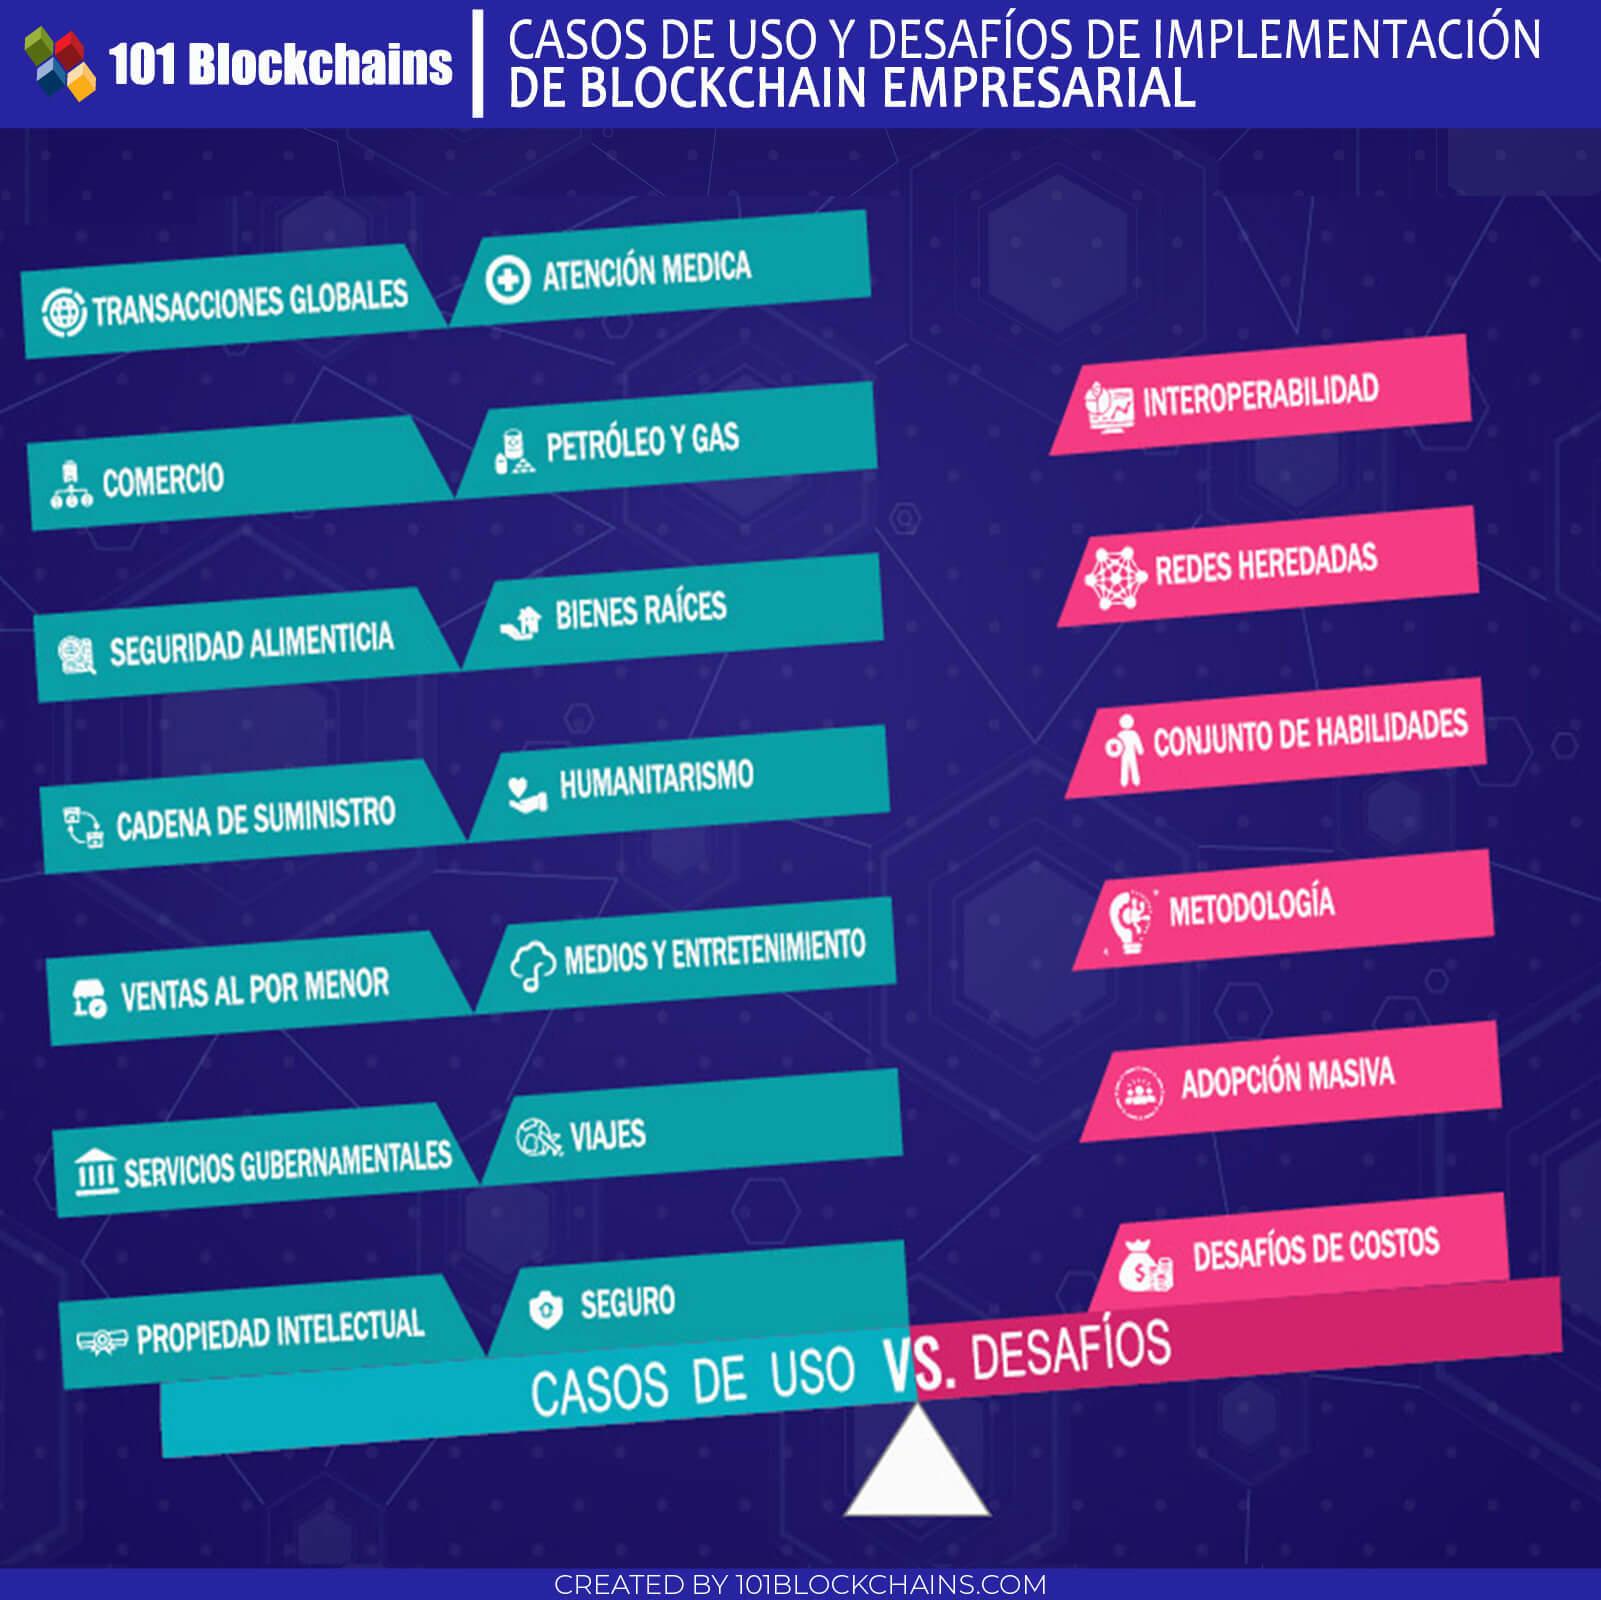 CASOS DE USO Y DESAFÍOS DE IMPLEMENTACIÓN DE BLOCKCHAIN EMPRESARIAL-